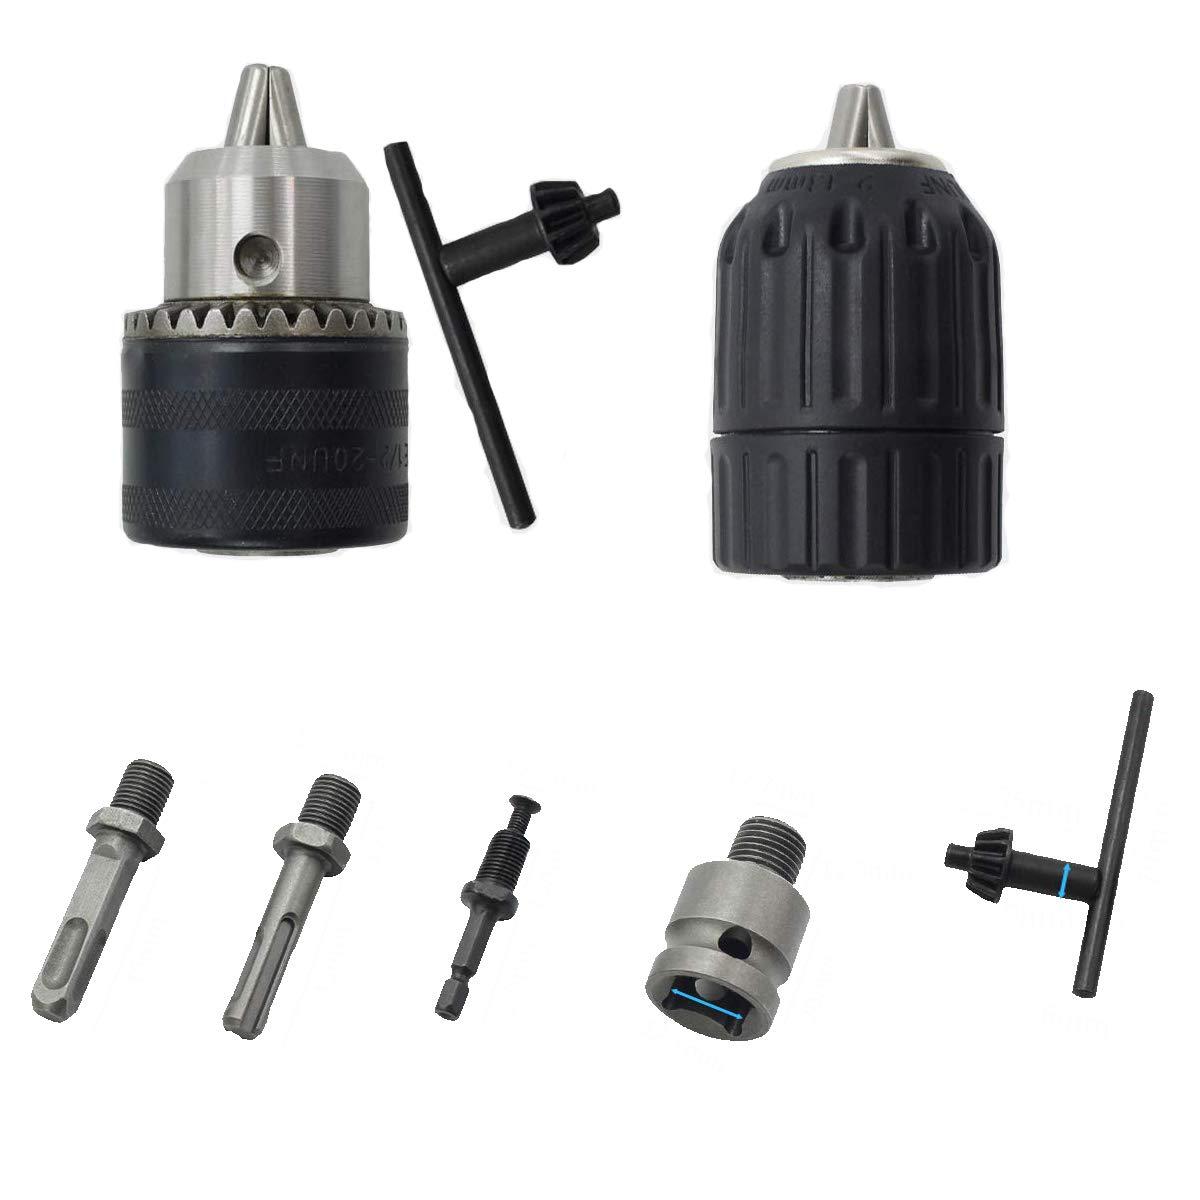 8 piezas 20UNF kit de herramientas convertidor Adaptador de enchufe de alta resistencia v/ástago hexagonal y SDS-Plus de 1//4 pulgadas con martillo de impacto de 1//2 pulgada de 1,5 a 13 mm